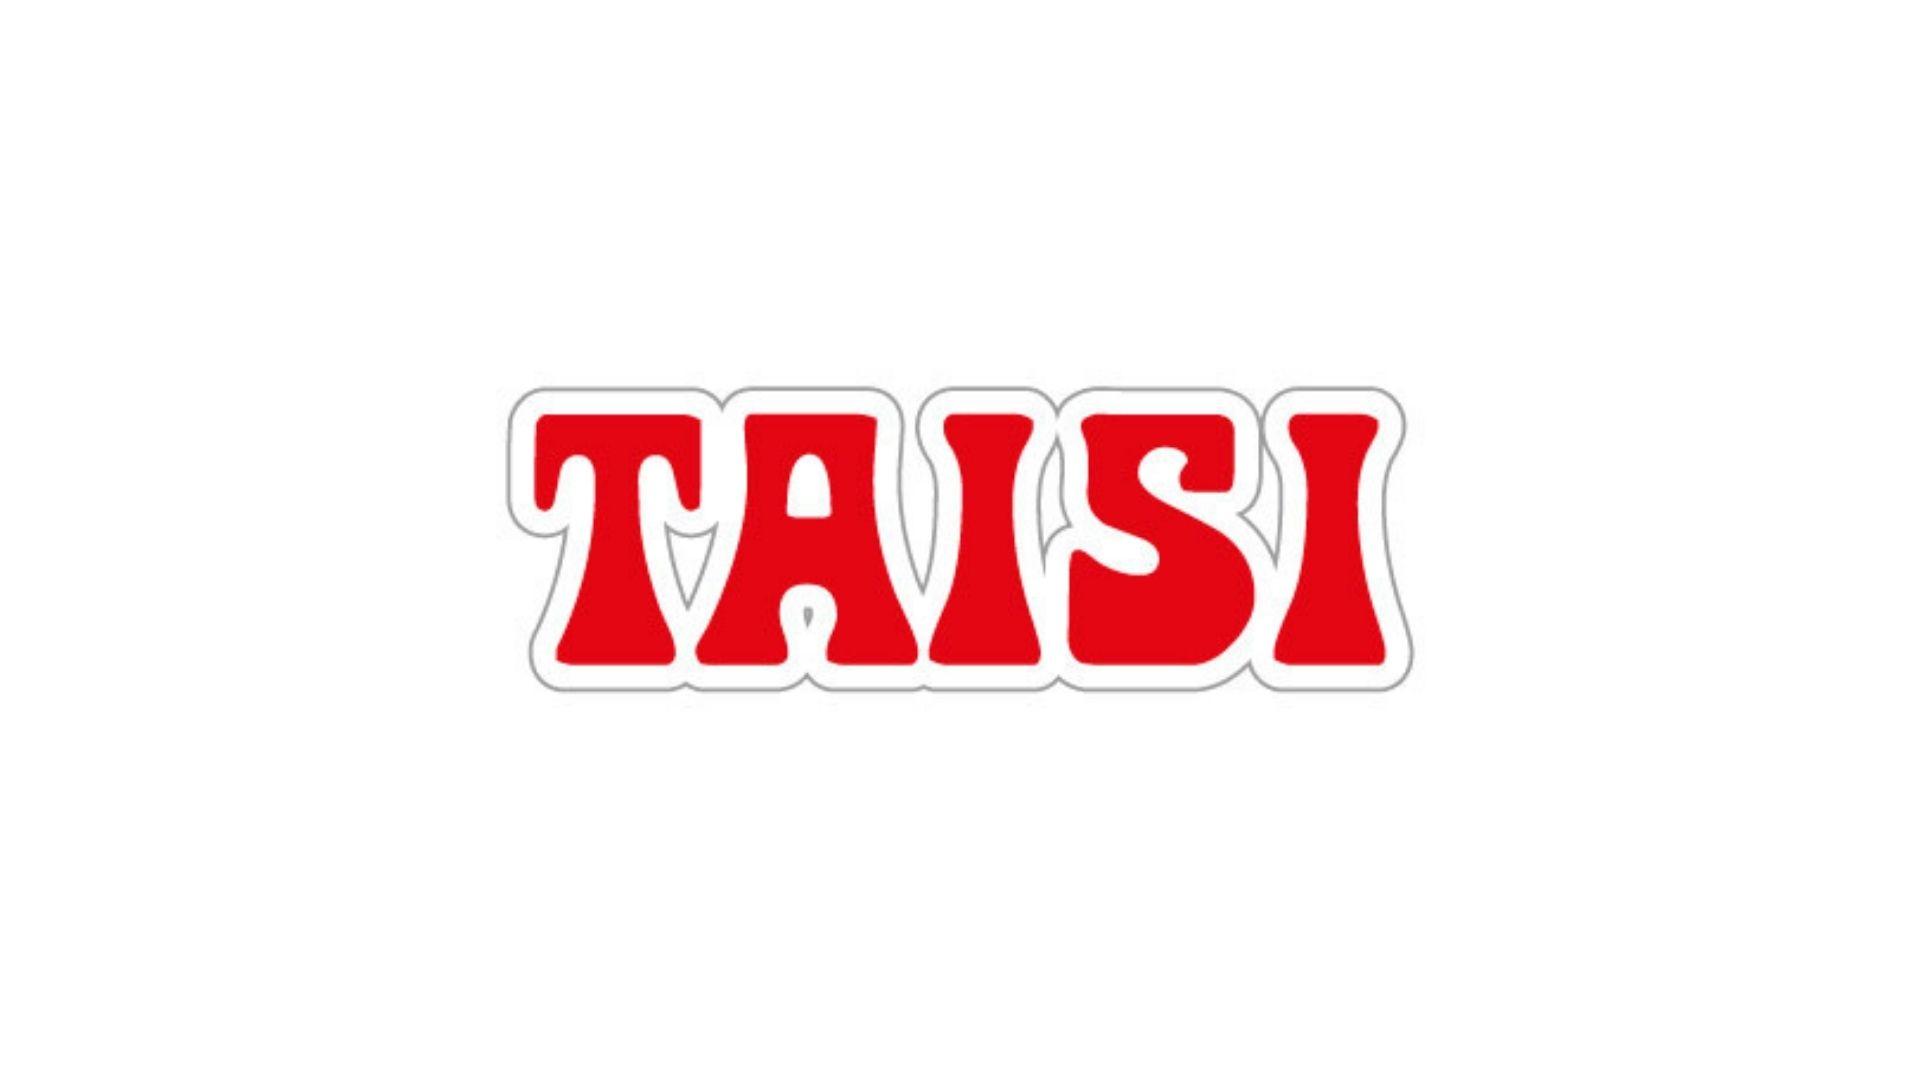 TAISI